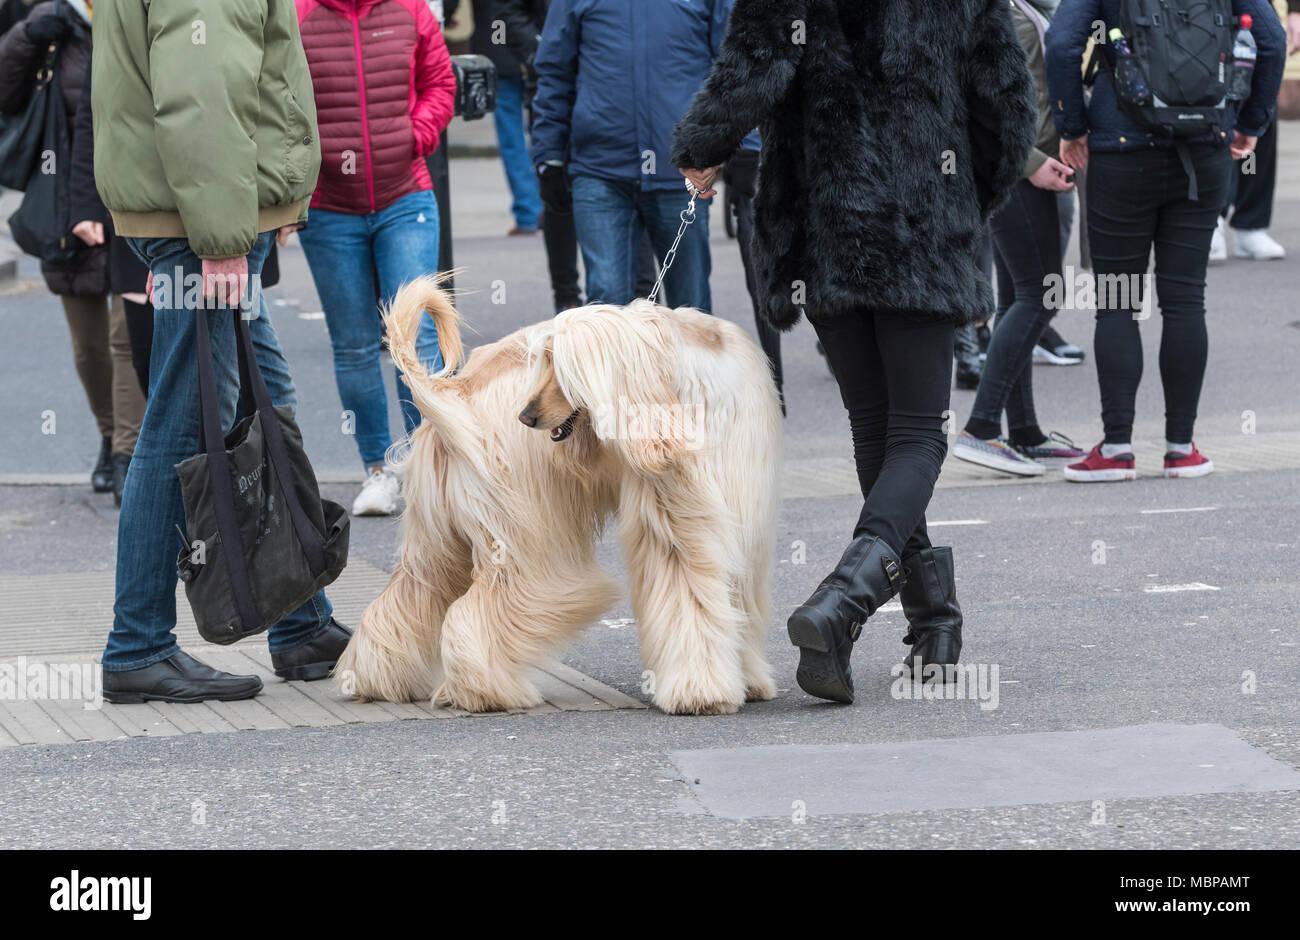 Afghan hound dog essendo camminava su un filo attraverso una strada in una città nel Regno Unito. Immagini Stock